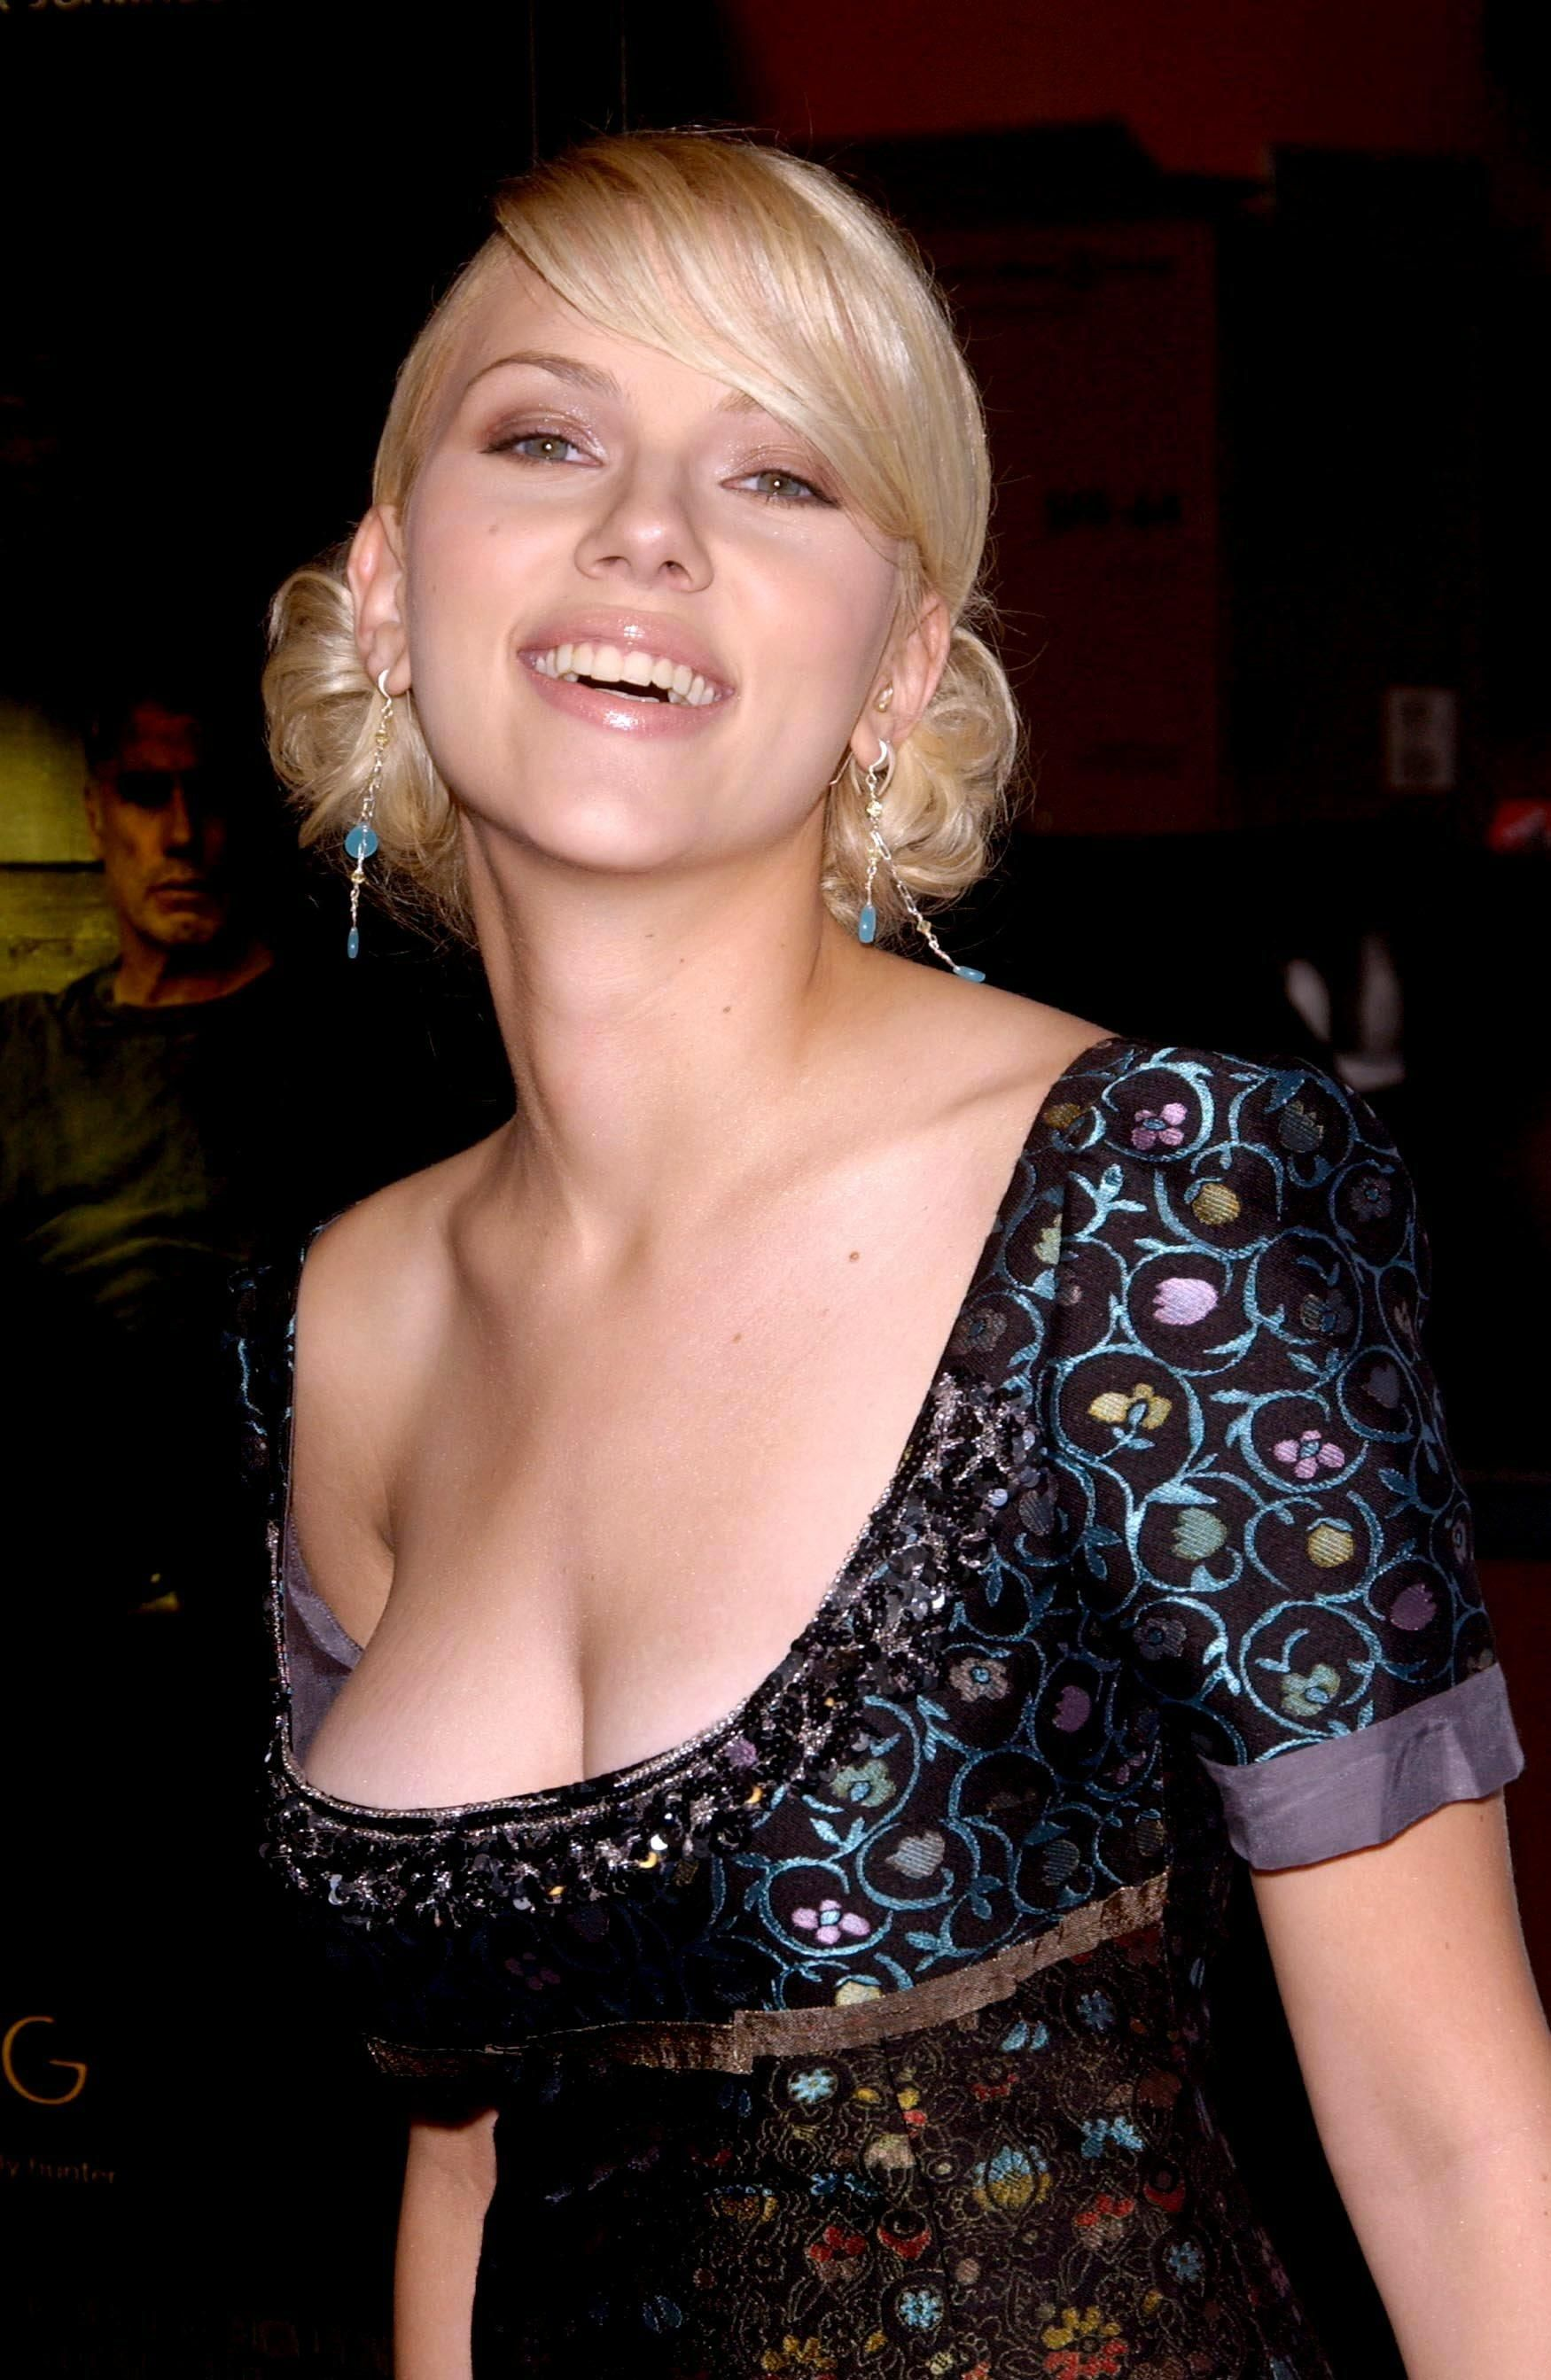 Scarlett johansson sexy galerie